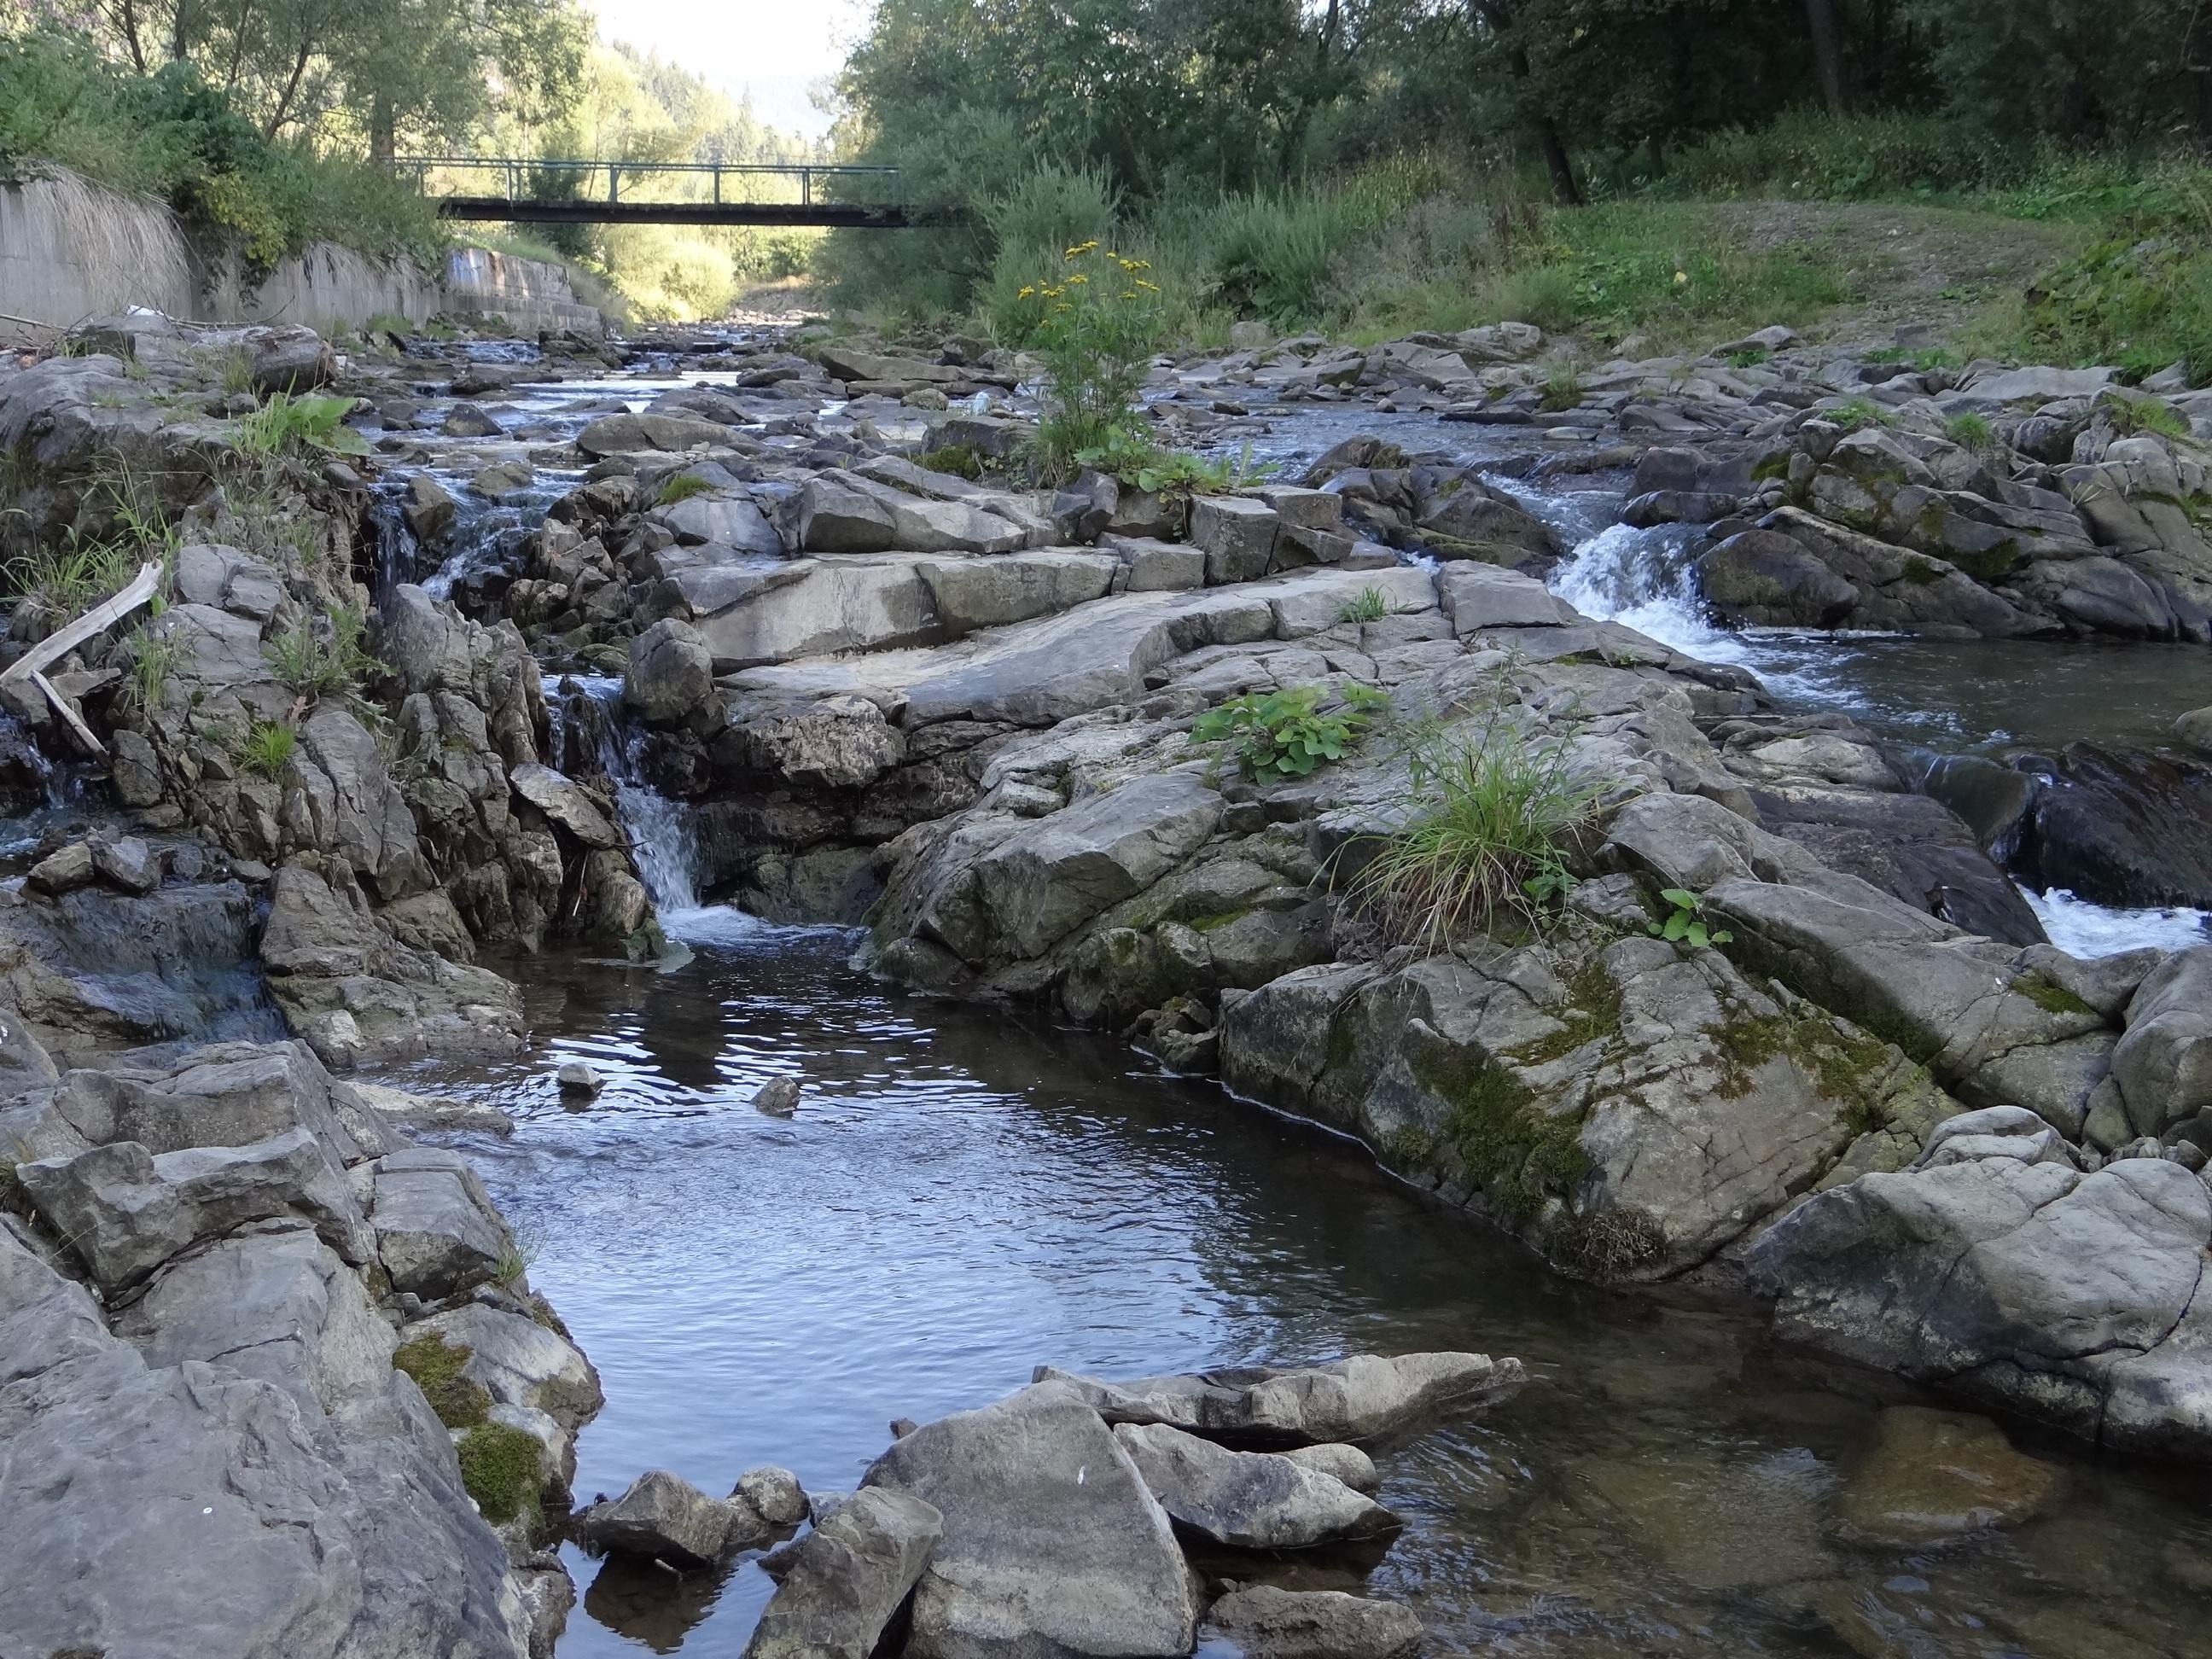 Woda Ujsolska